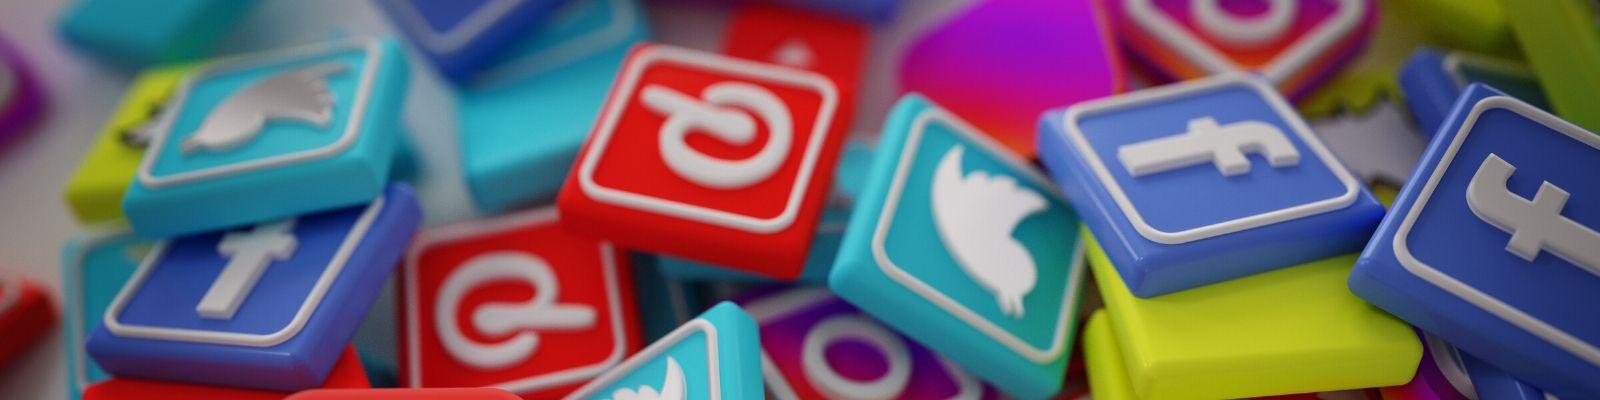 El Social Media Manager perfecto: 10 cualidades que harán despegar tu marketing en redes sociales